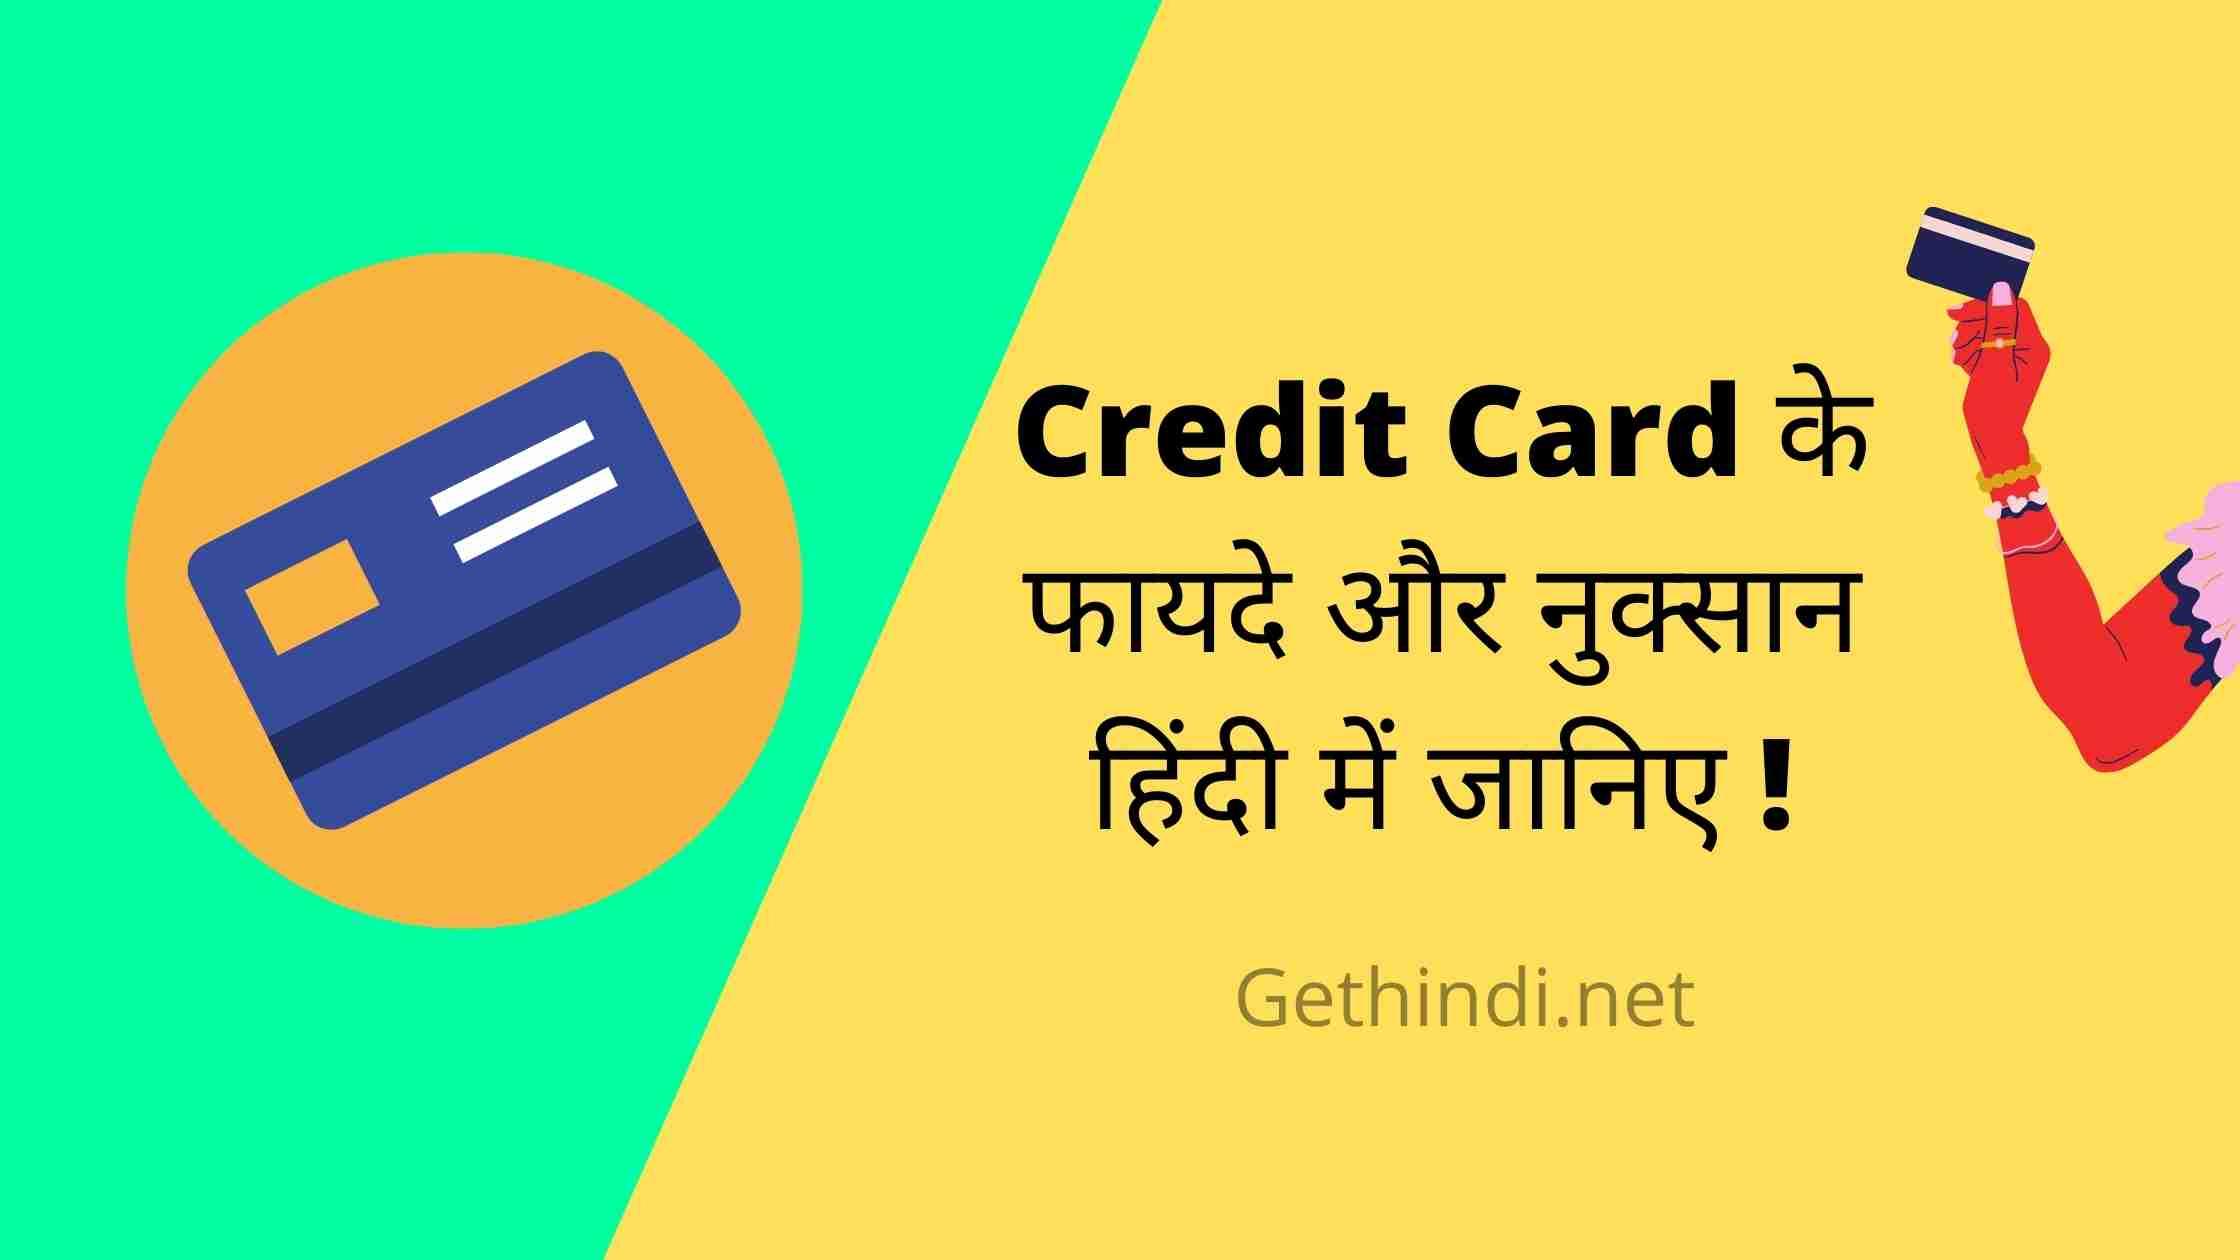 Credit Card ke fayde nuksan जानिए हिंदी में पूरी जानकारी